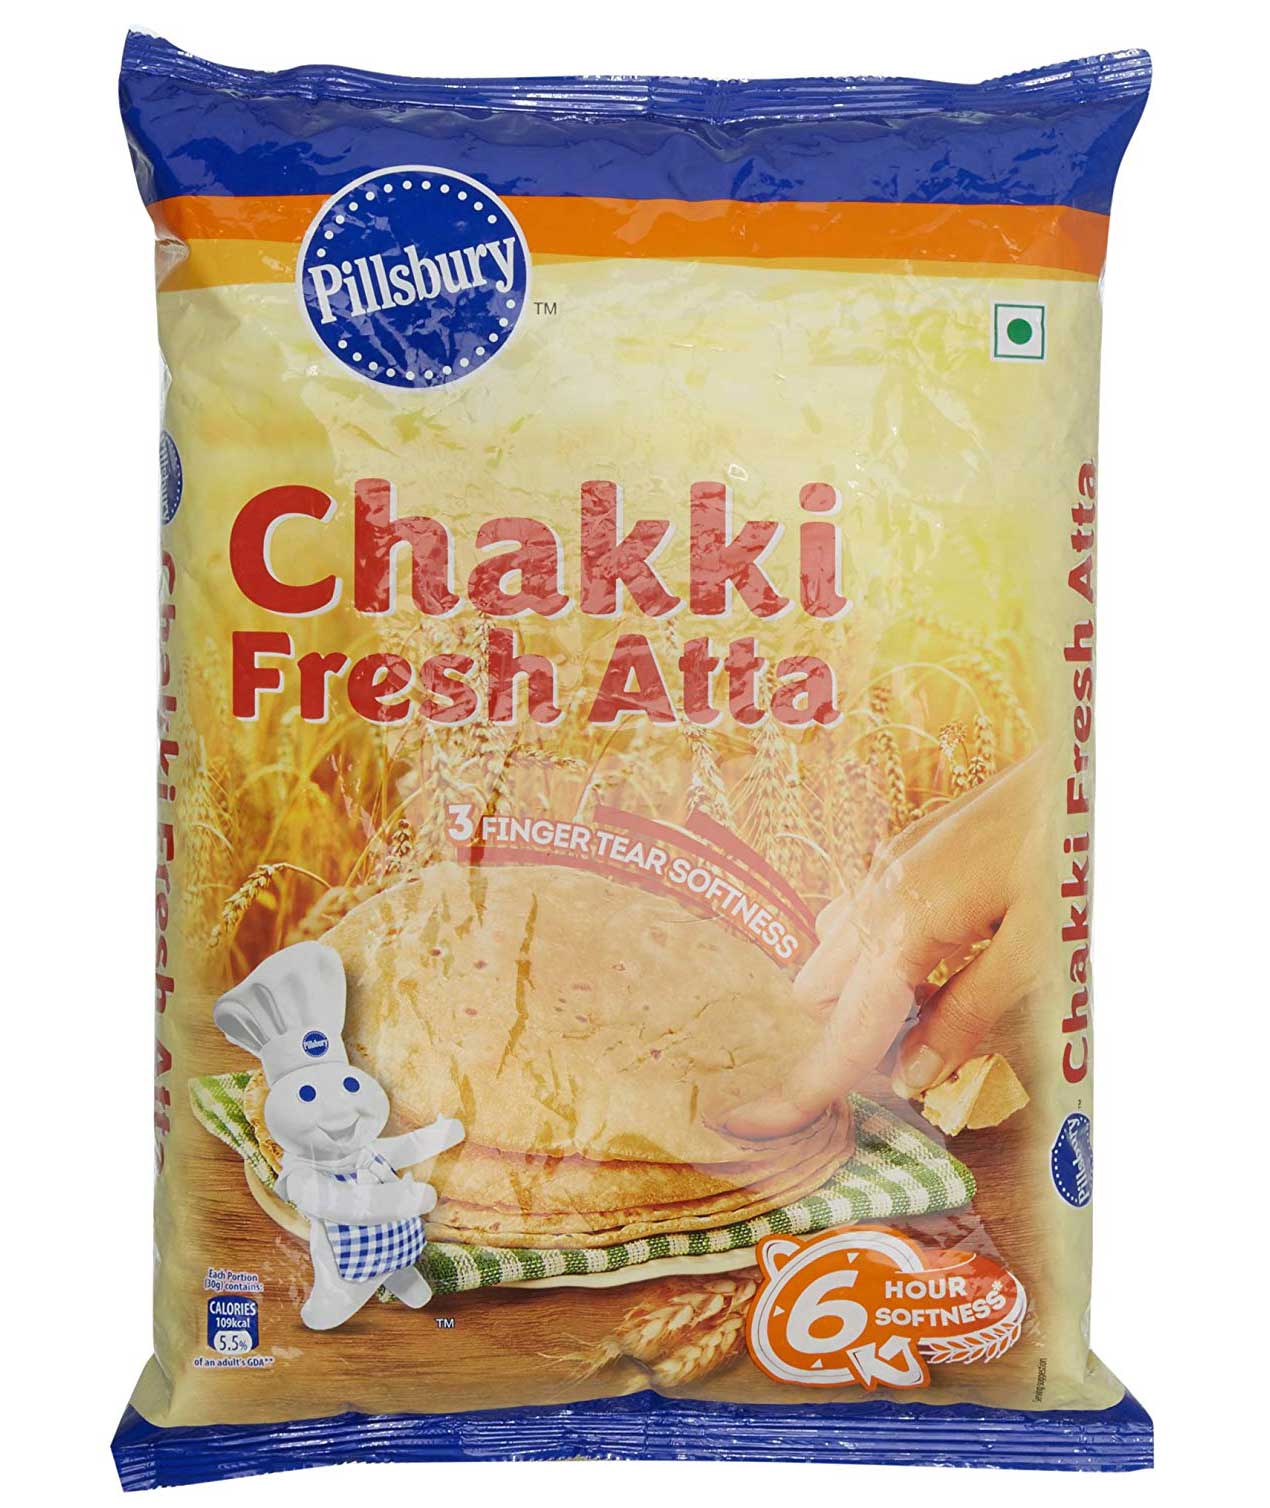 Pillsbury Chakki Fresh Atta, 5kg (North)